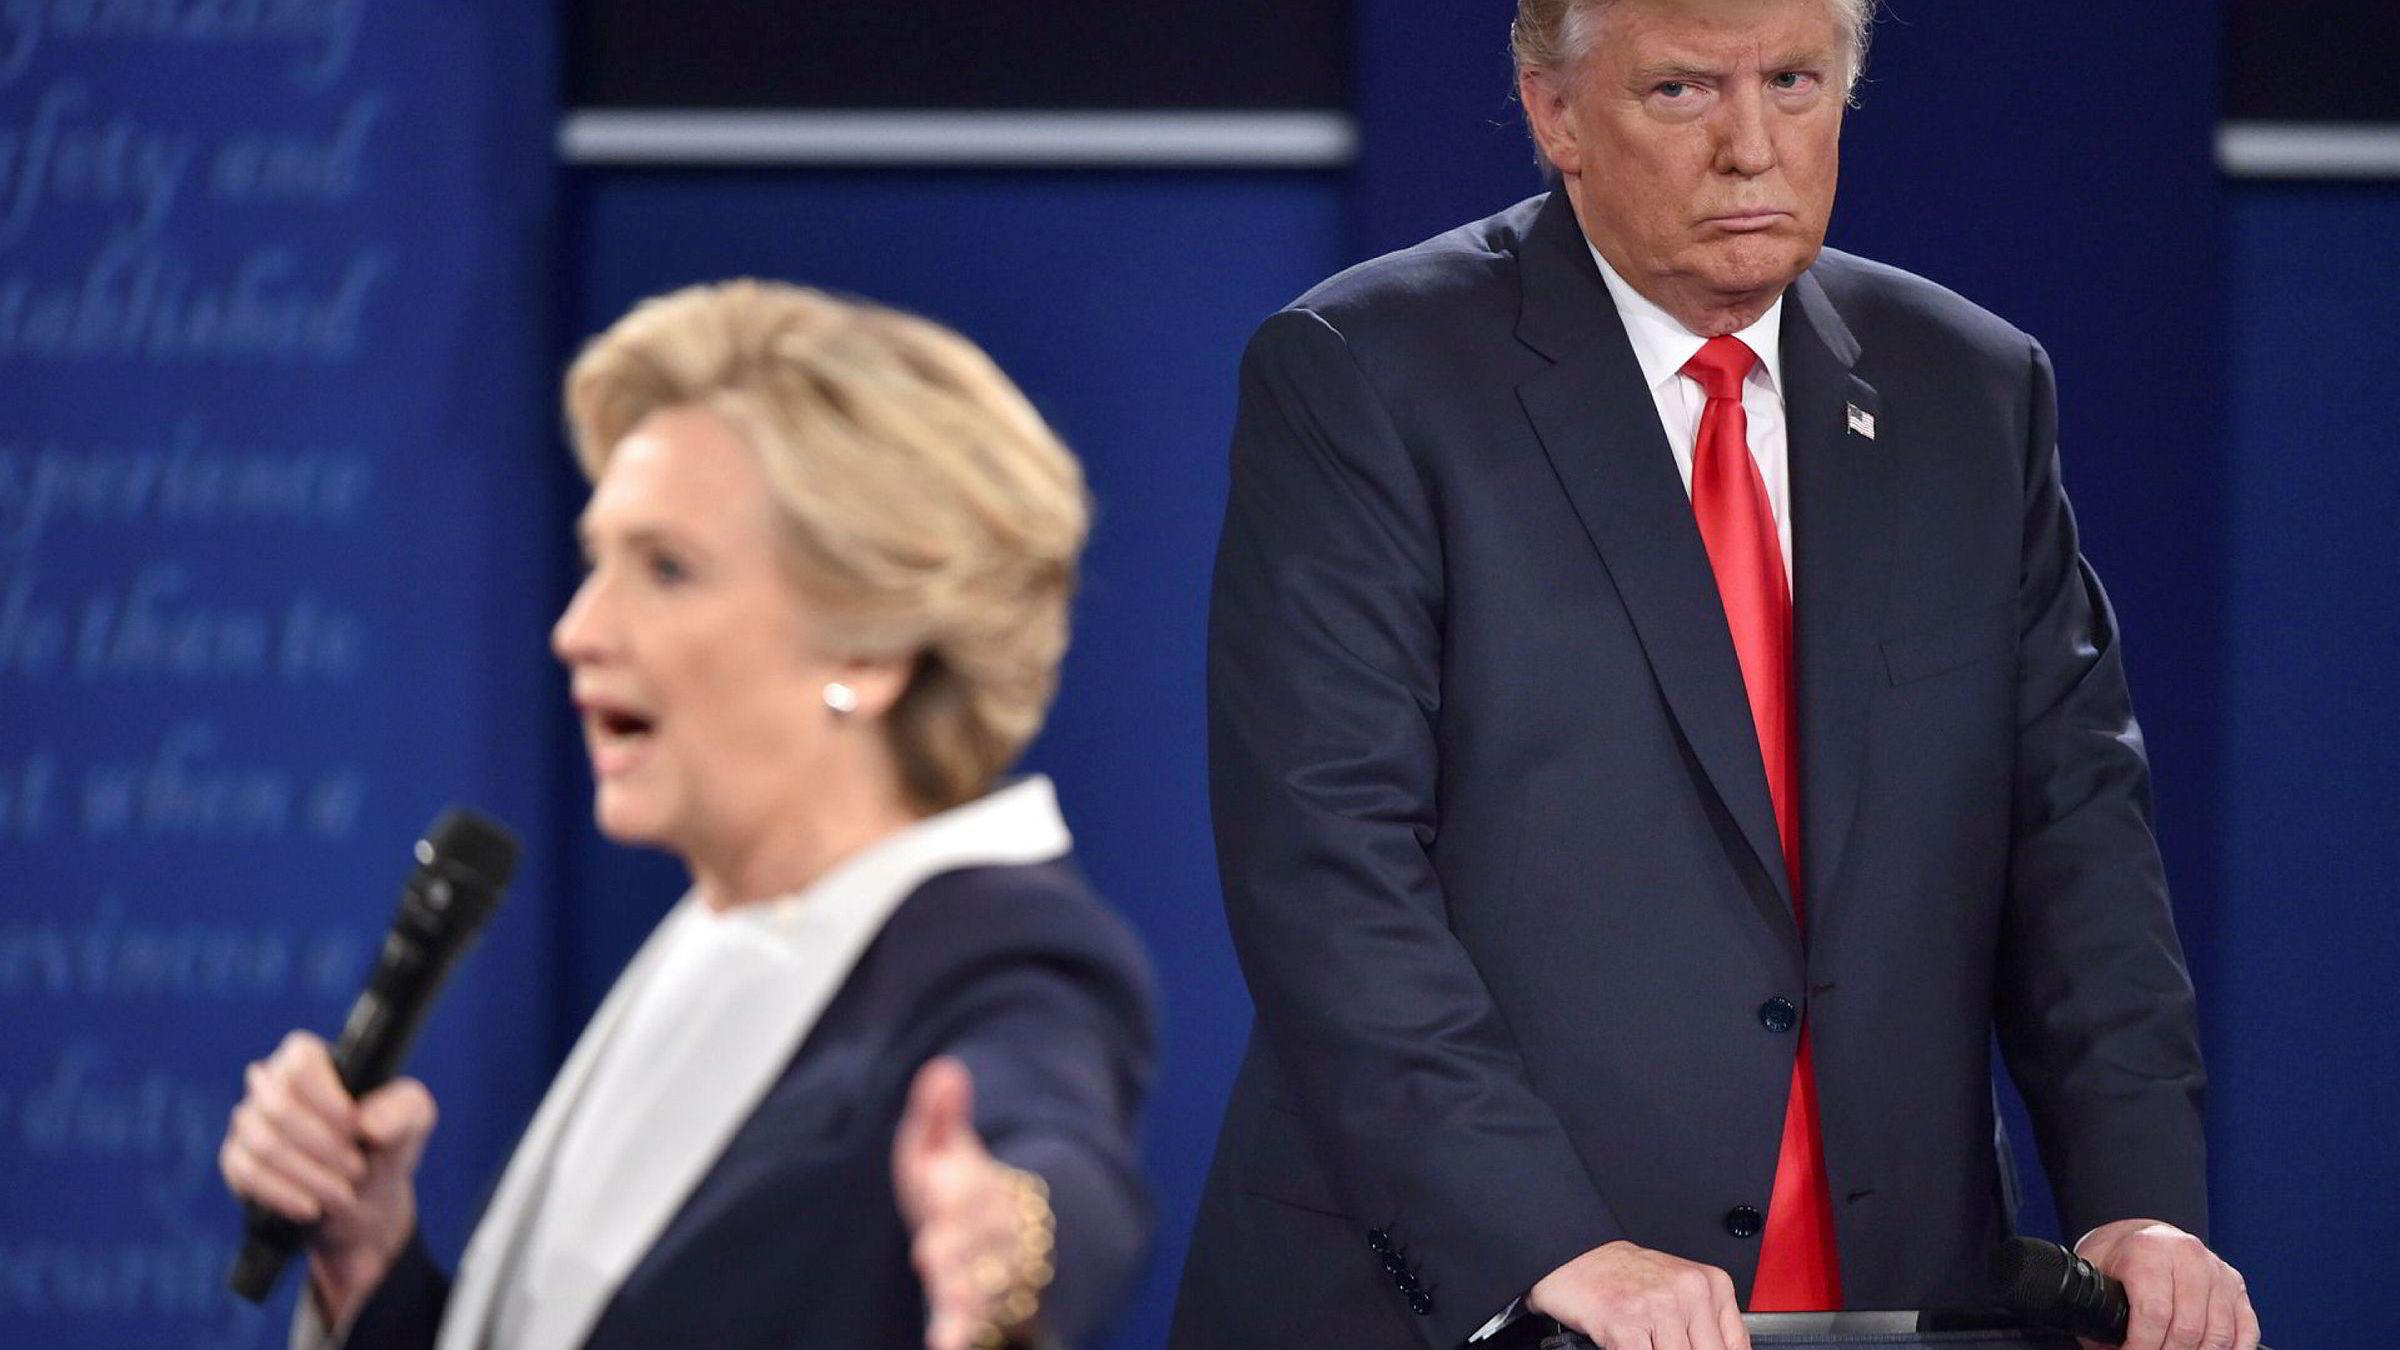 I forbindelse med presidentdebattene presset Hillary Clinton på for at Donald J. Trump skulle love å anerkjenne et valgresultat. Nå mener Trump hun ikke følger egne råd.